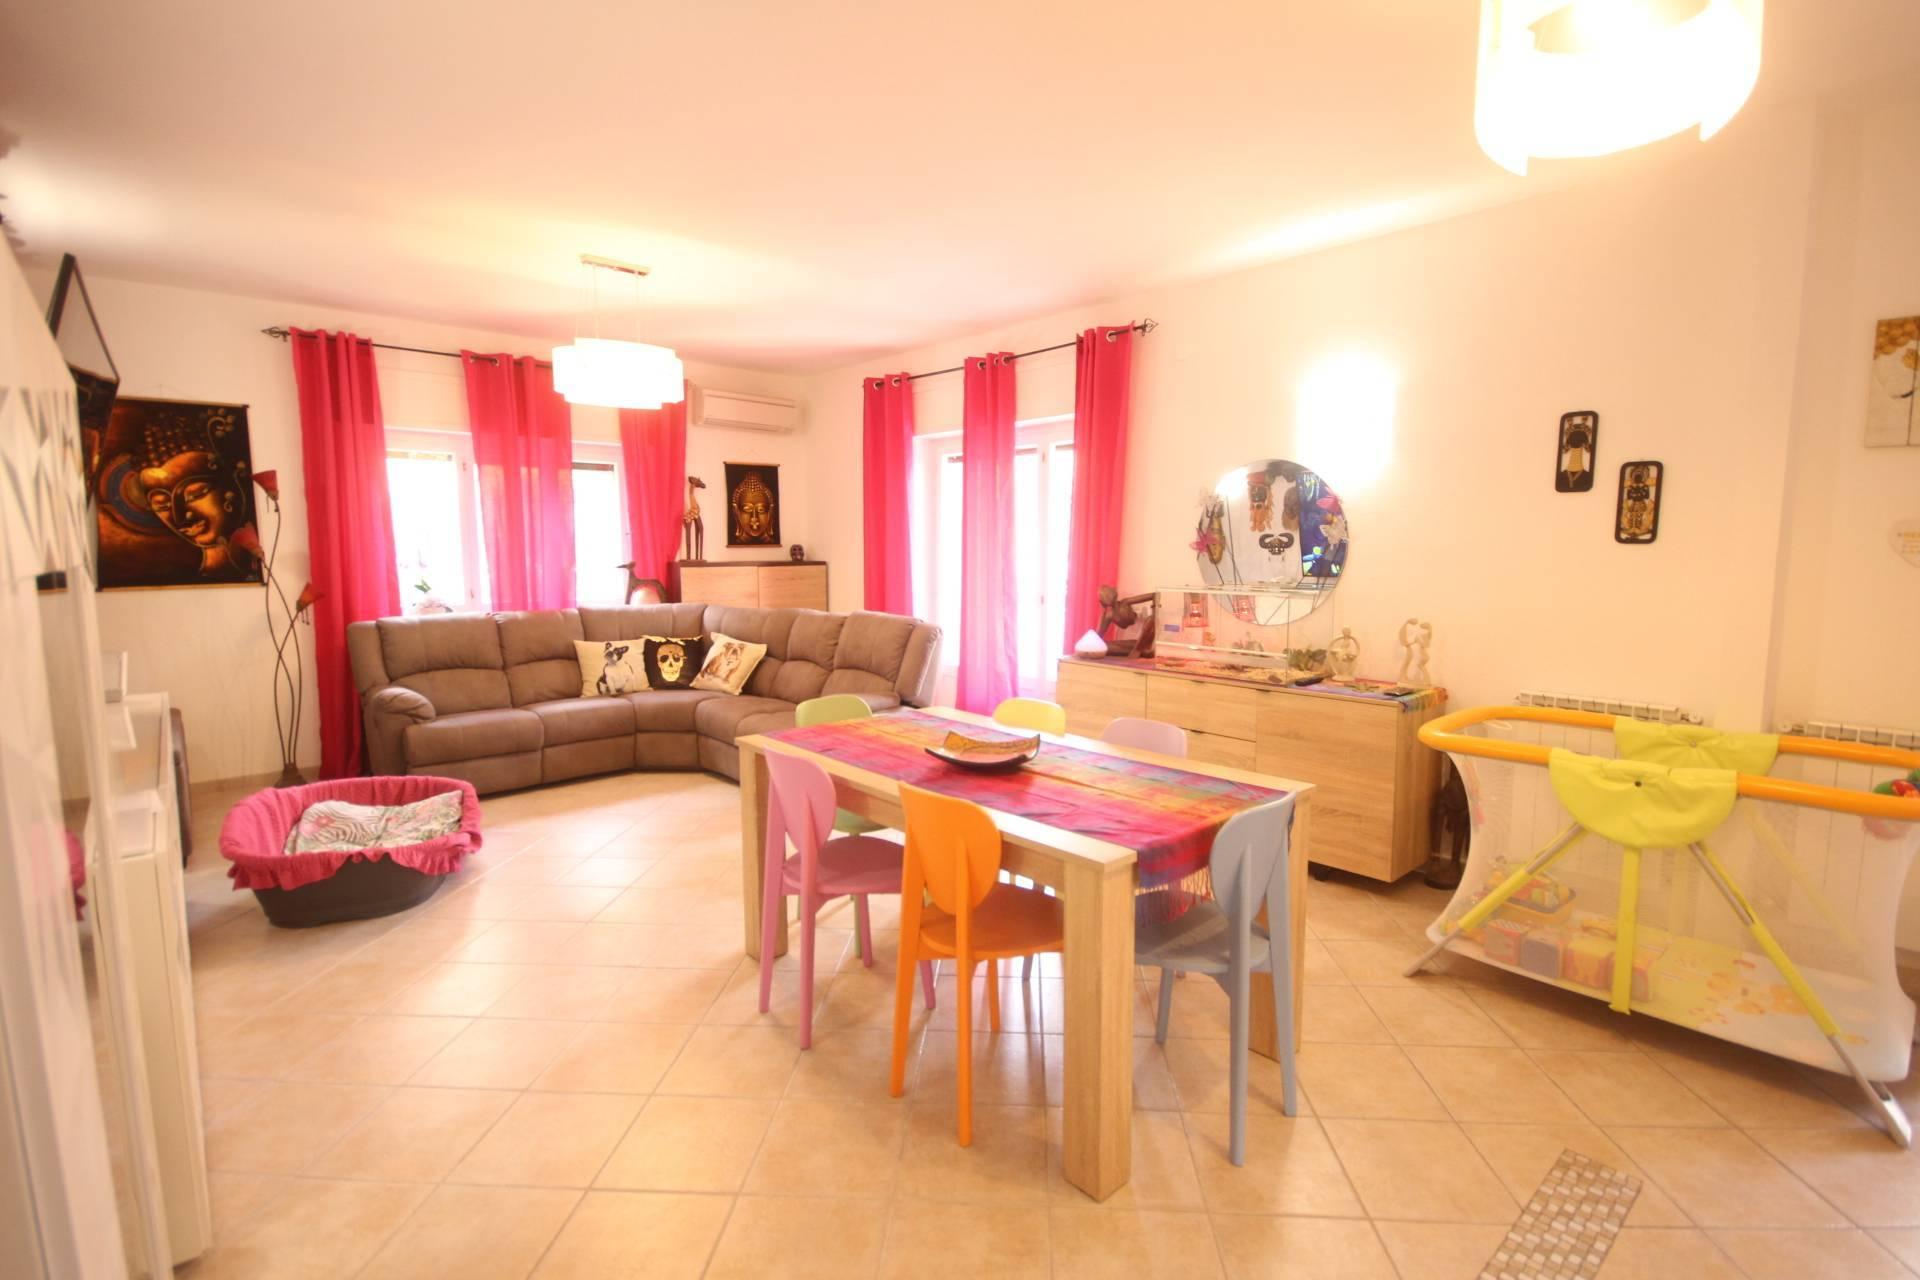 Appartamento in vendita a Orbetello, 6 locali, zona nia, prezzo € 260.000 | PortaleAgenzieImmobiliari.it